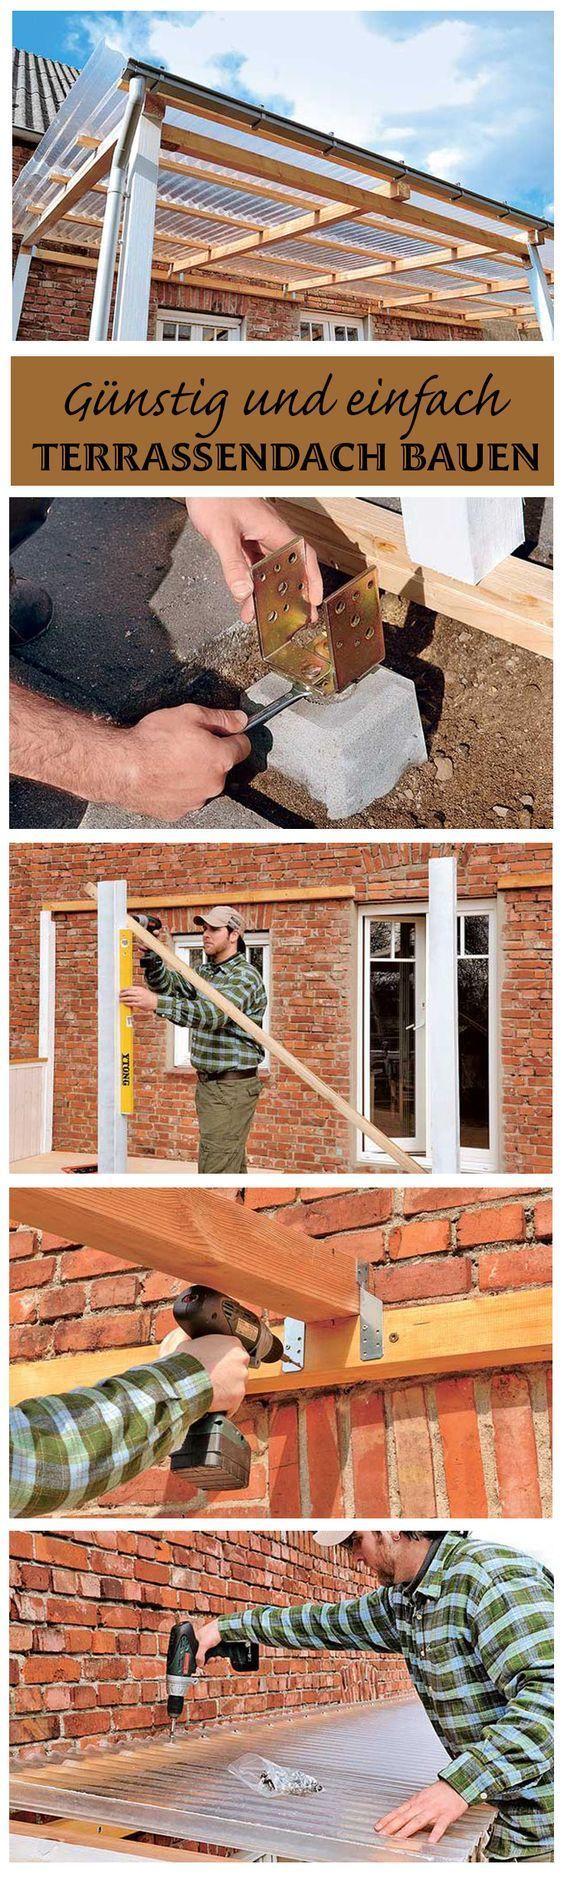 Bauen Sie sich eine Dachterrasse #Überdachungterrasse